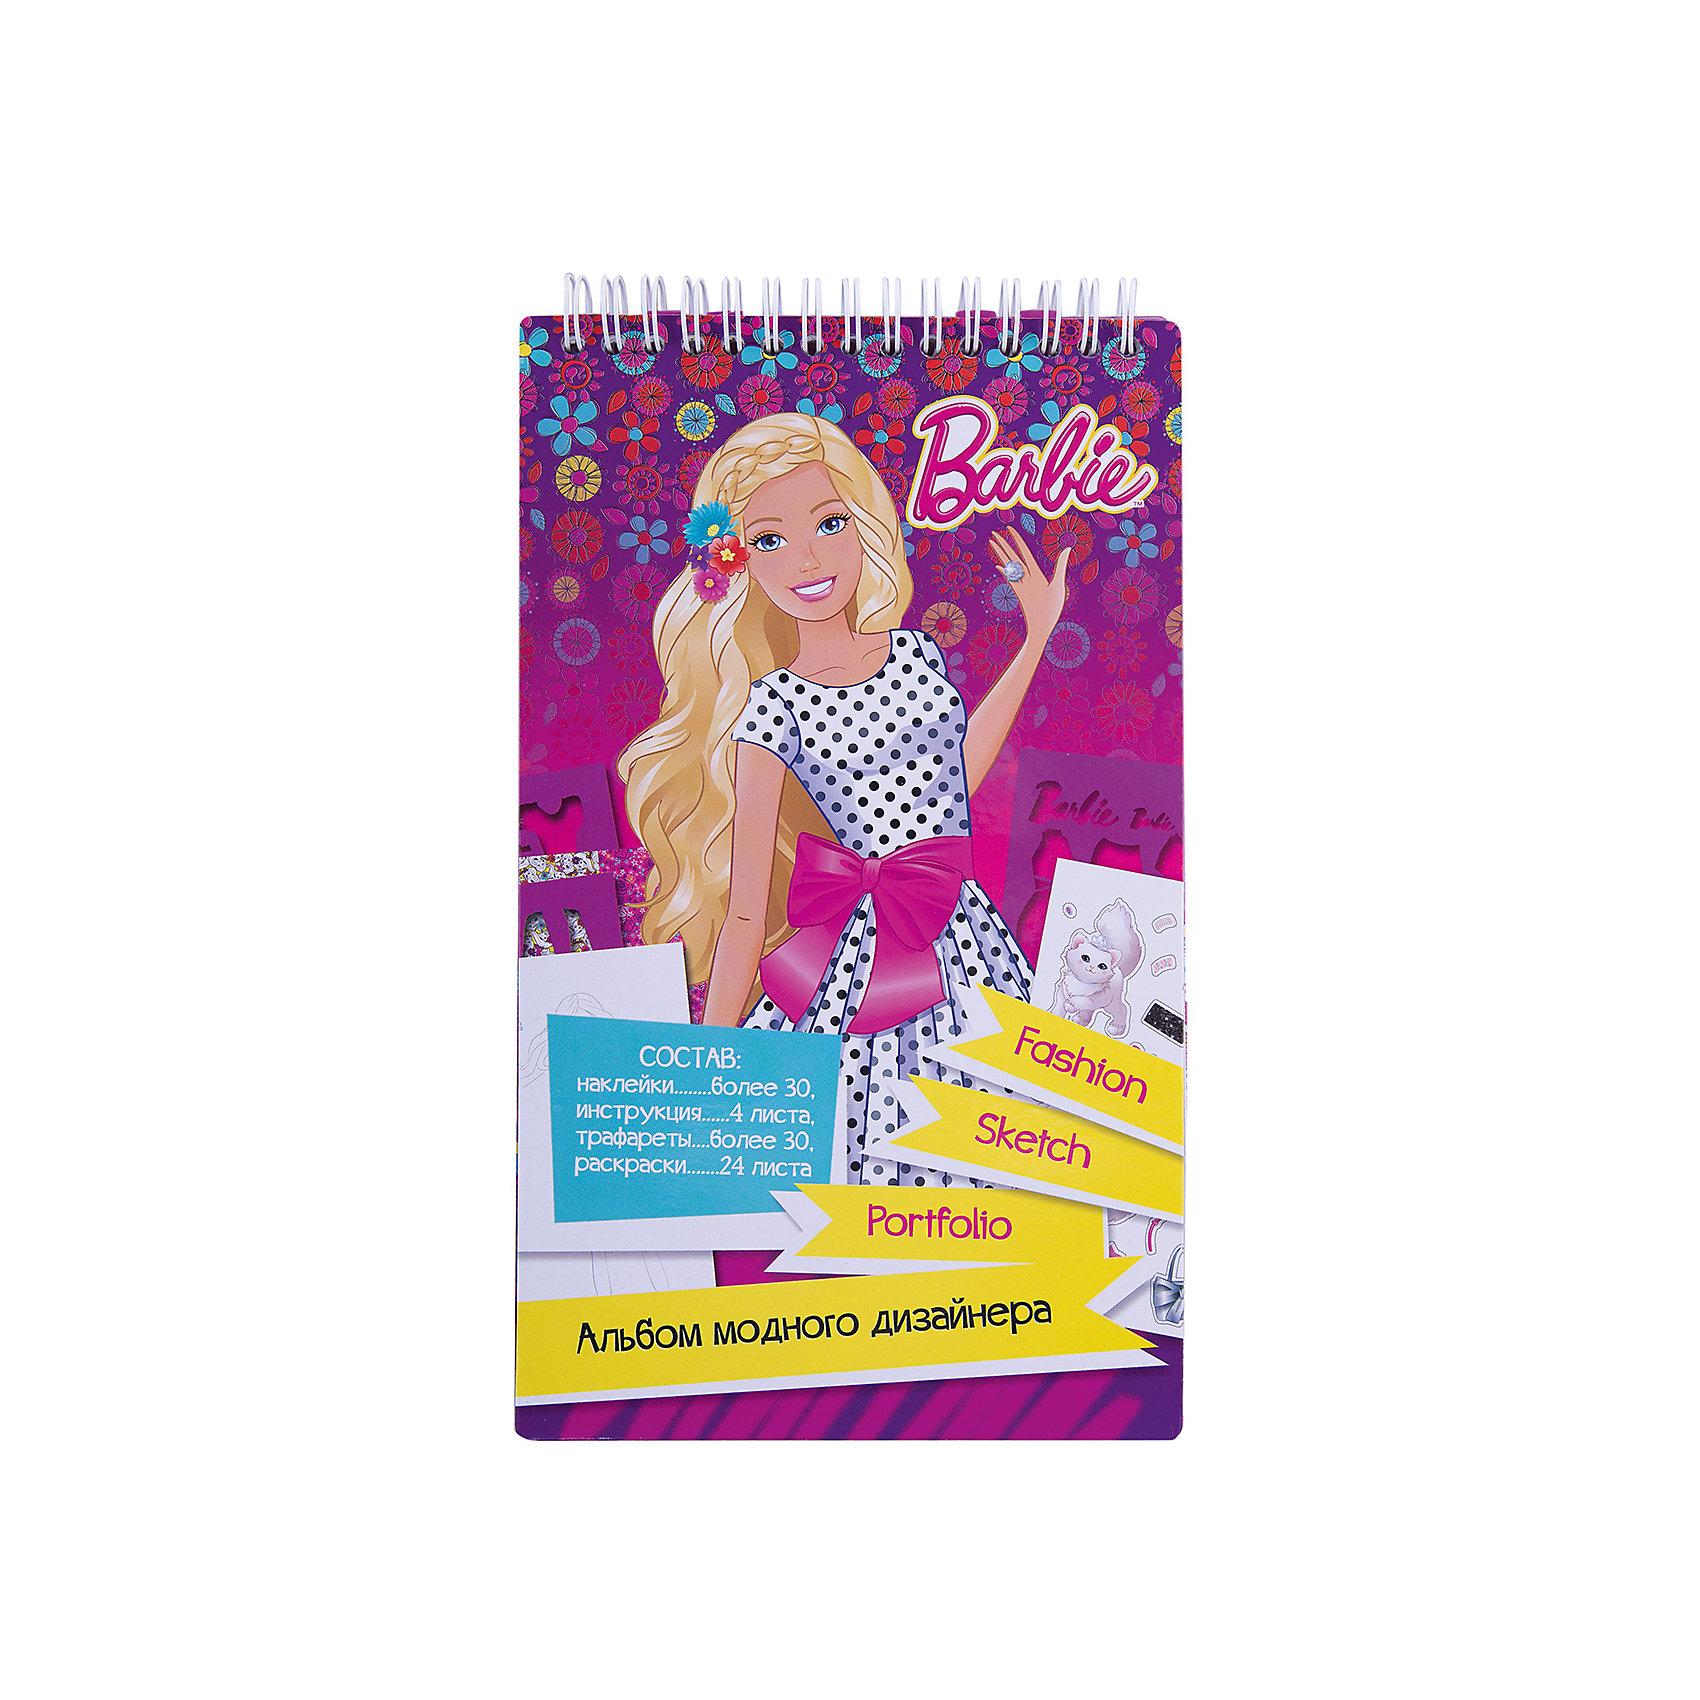 Альбом для творчества А5, BarbieBarbie<br>Альбом для творчества А5, Barbie, Limpopo (Лимпопо)<br><br>Характеристики:<br><br>• девочка сможет создать красивые образы для Барби<br>• множество вариантов для творчества<br>• привлекательный дизайн<br>• количество листов: 20<br>• в комплекте: трафареты, наклейки, инструкция, образцы<br>• размер упаковки: 13,5х1,5х25 см<br>• вес: 250 грамм<br><br>Альбом Barbie - настоящая находка для маленьких модниц. В набор входят трафареты, наклейки и инструкция. С их помощью девочка сможет придумать самые стильные образы для Барби, используя свой дизайнерский вкус. В комплекте большое количество разных наклеек. Для каждой Барби найдётся образ, подходящий к любой ситуации! С таким восхитительным набором девочка весело проведёт время!<br><br>Альбом для творчества А5, Barbie, Limpopo (Лимпопо) вы можете купить в нашем интернет-магазине.<br><br>Ширина мм: 250<br>Глубина мм: 15<br>Высота мм: 135<br>Вес г: 250<br>Возраст от месяцев: 48<br>Возраст до месяцев: 144<br>Пол: Женский<br>Возраст: Детский<br>SKU: 5390313